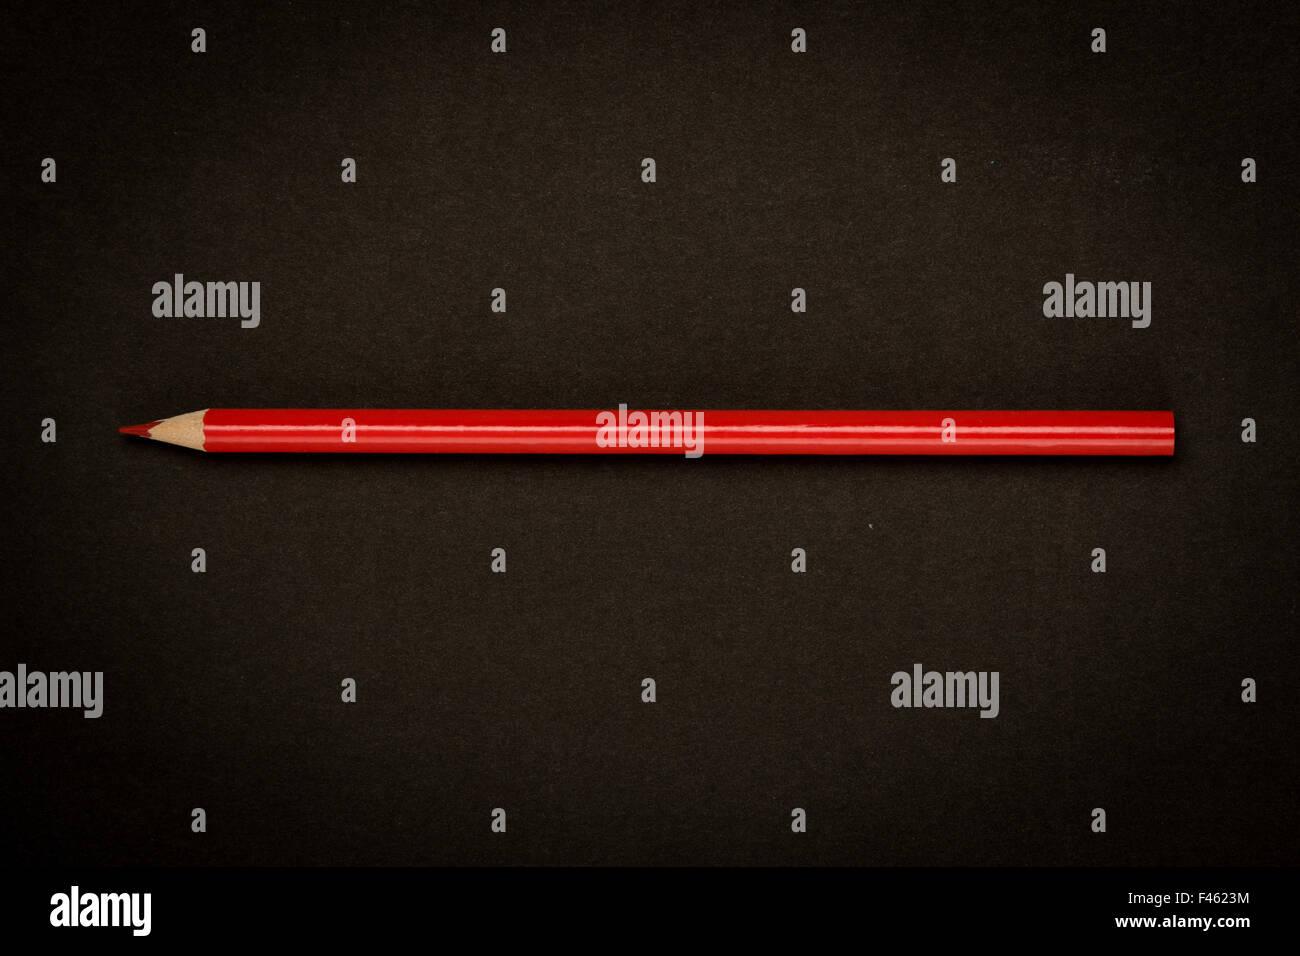 0f1da38d36c2 Black Pencil Crayon Stockfotos & Black Pencil Crayon Bilder - Alamy